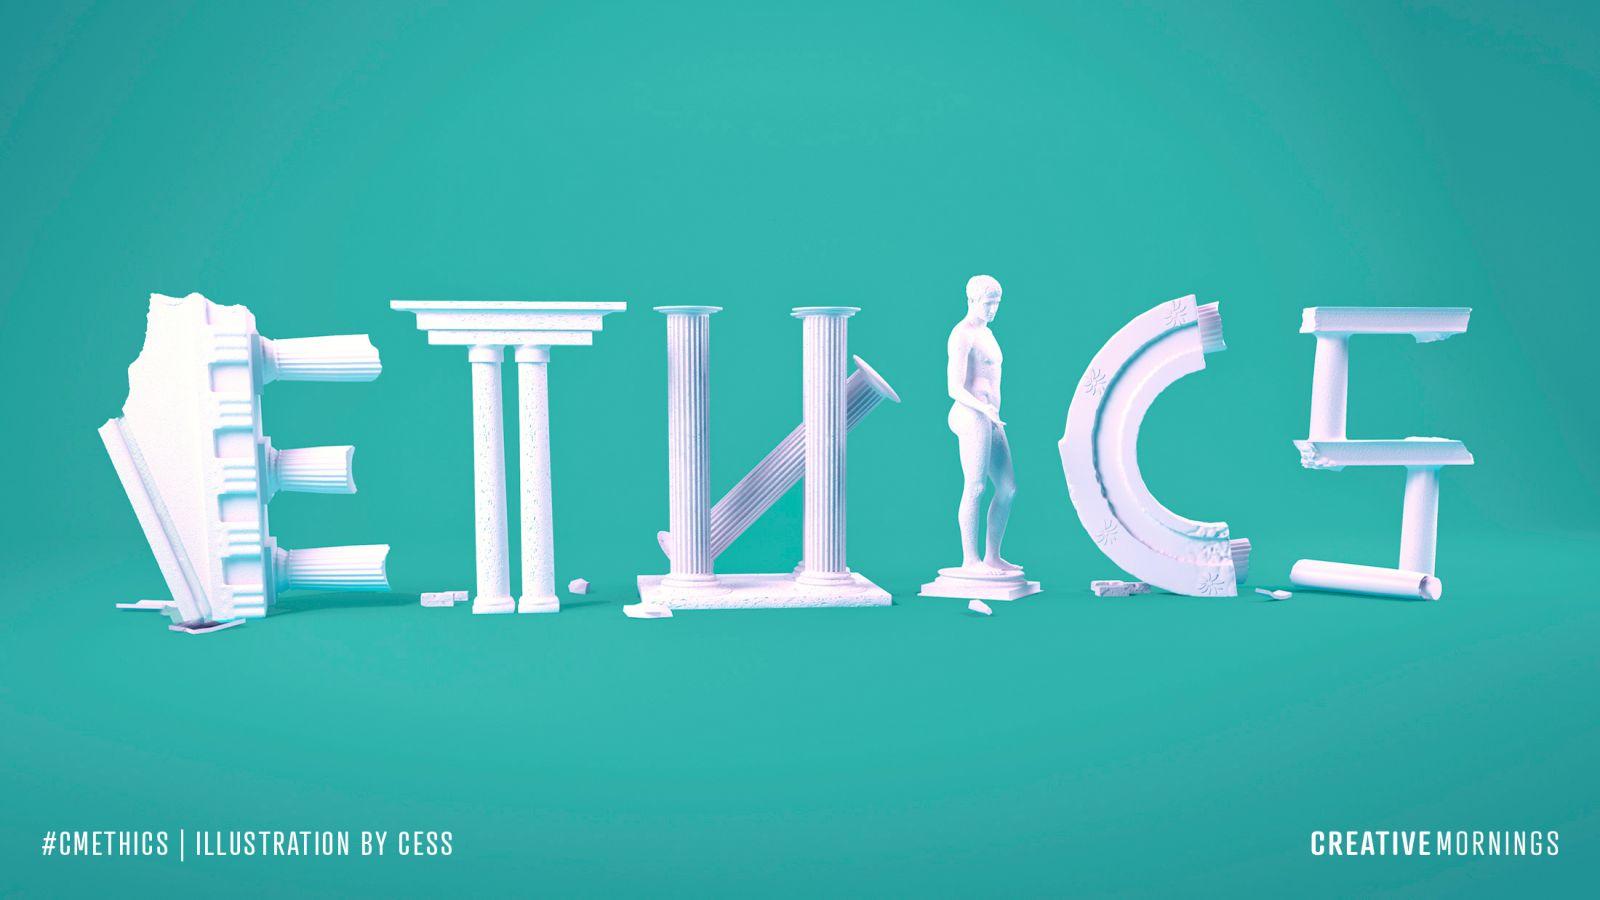 February's theme: Ethics